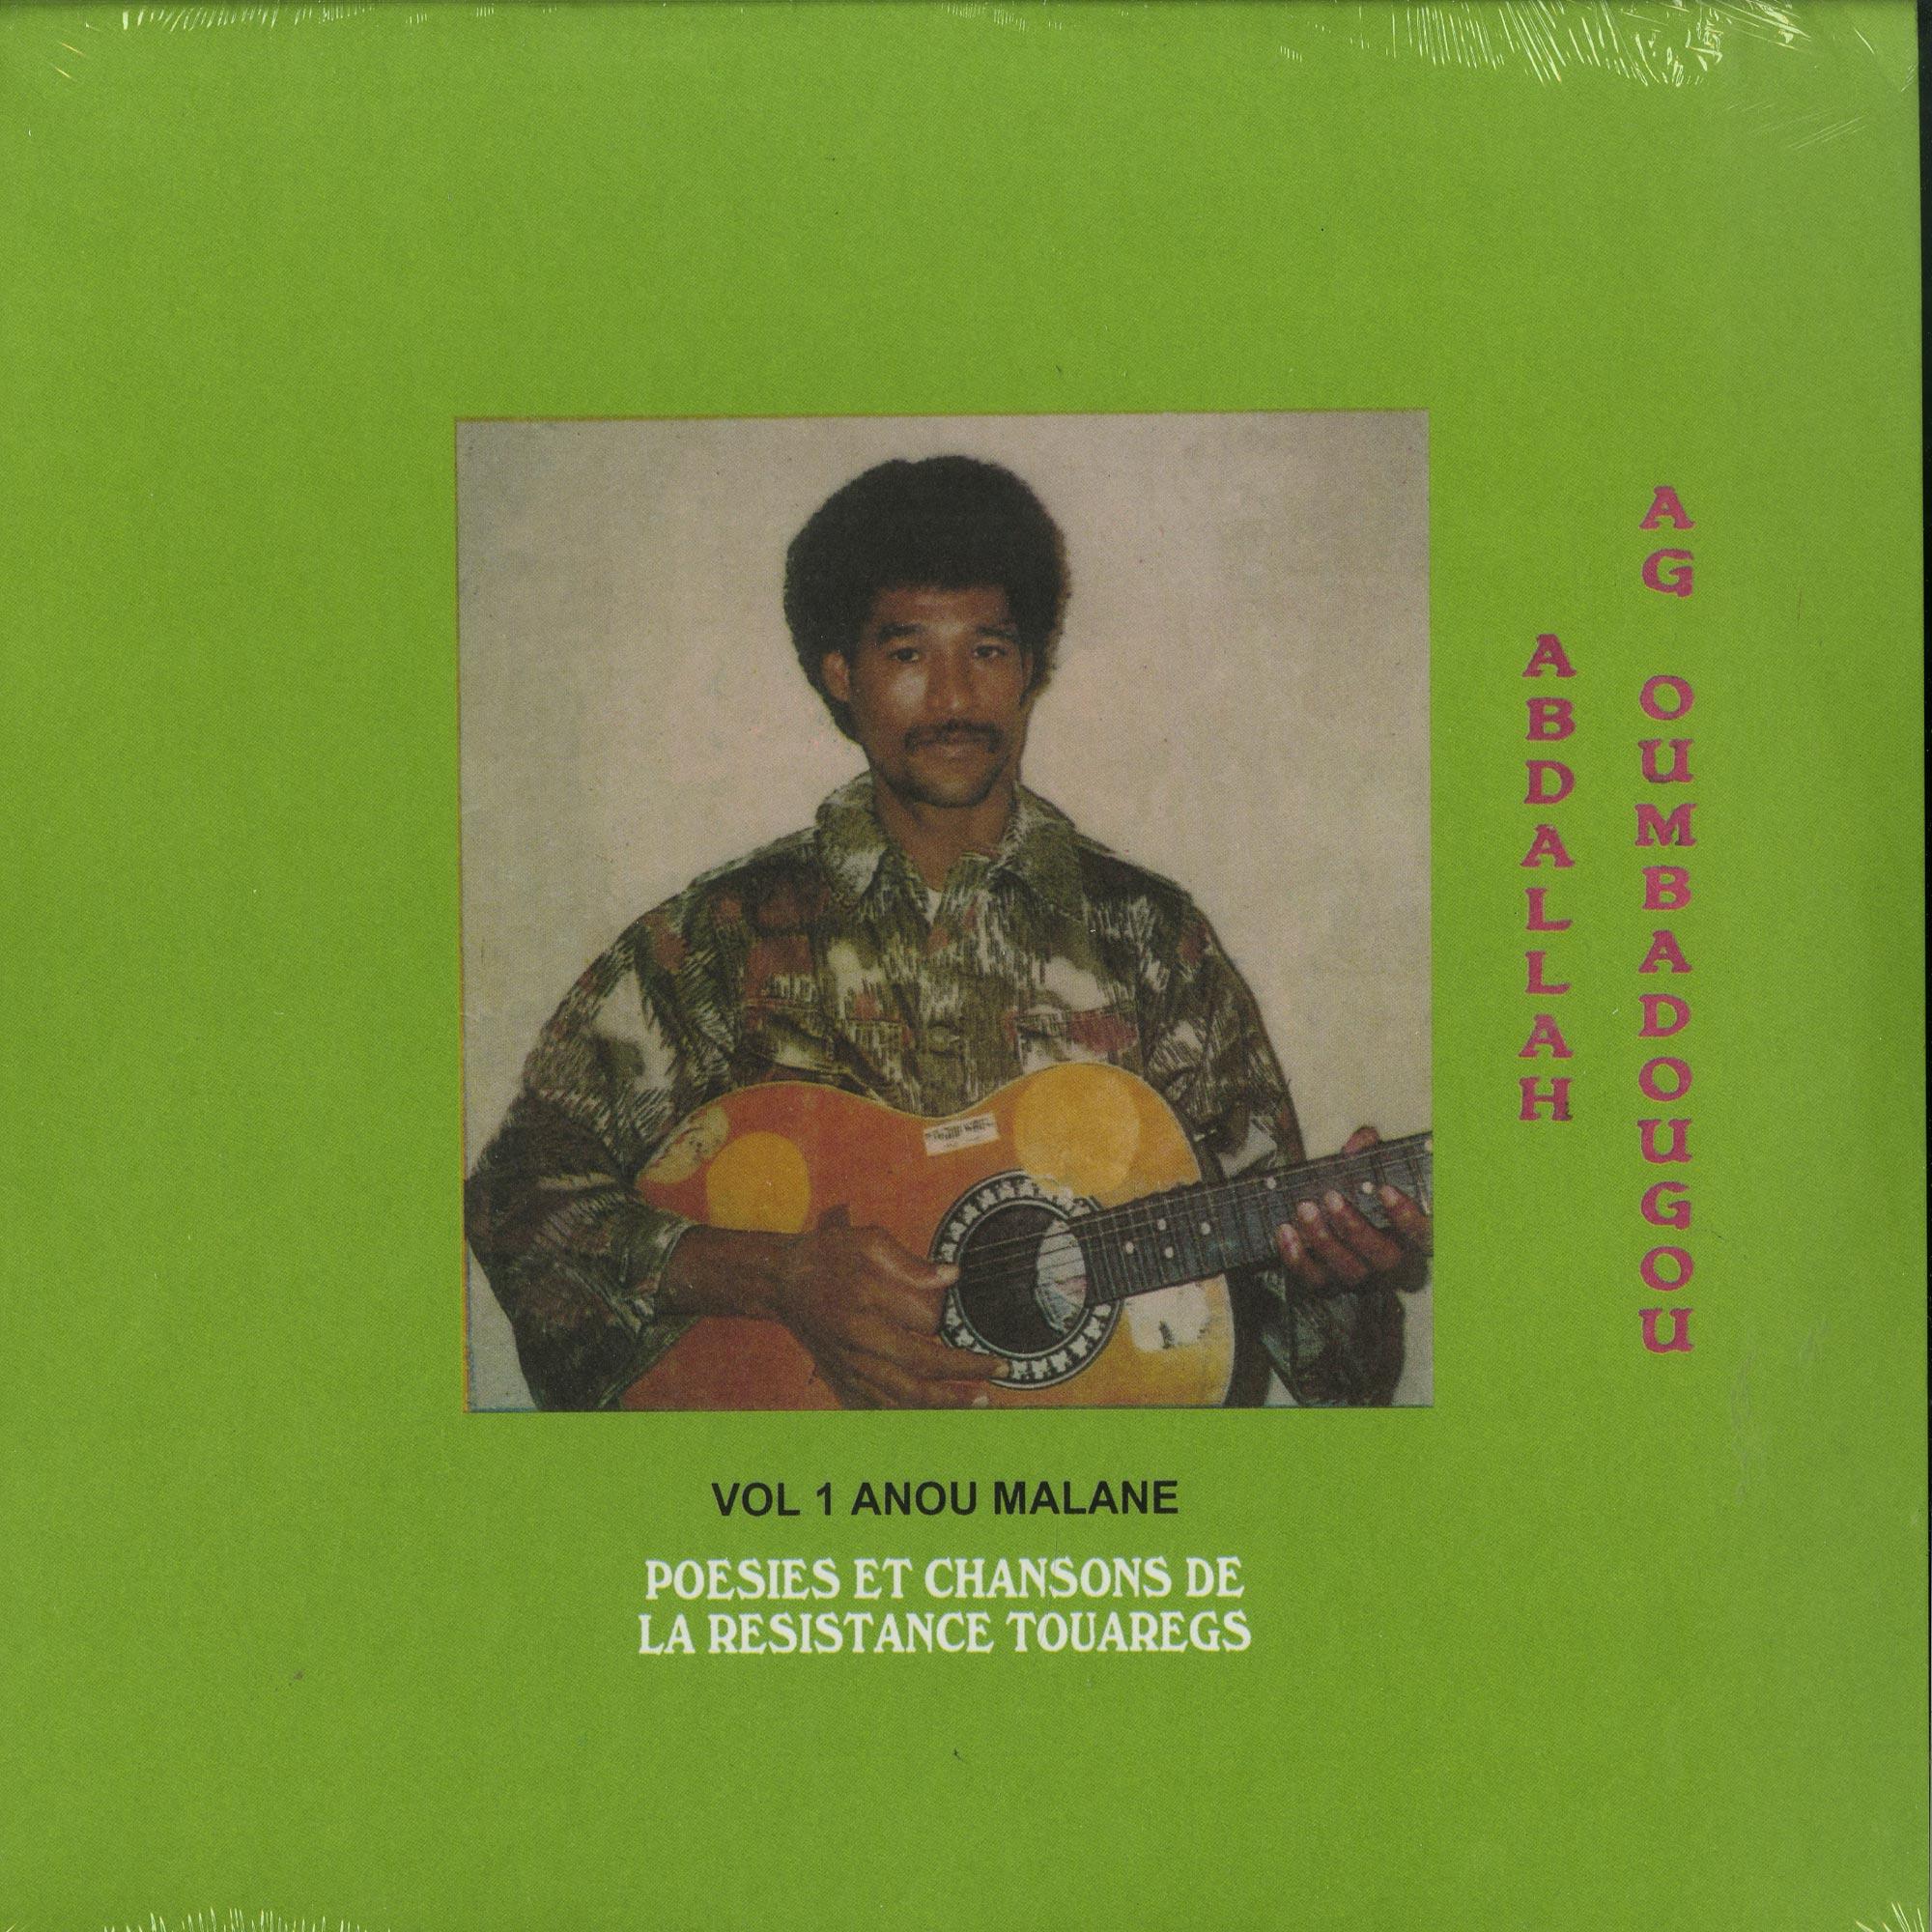 Abdallah Ag Oumbadougou - ANOU MALANE